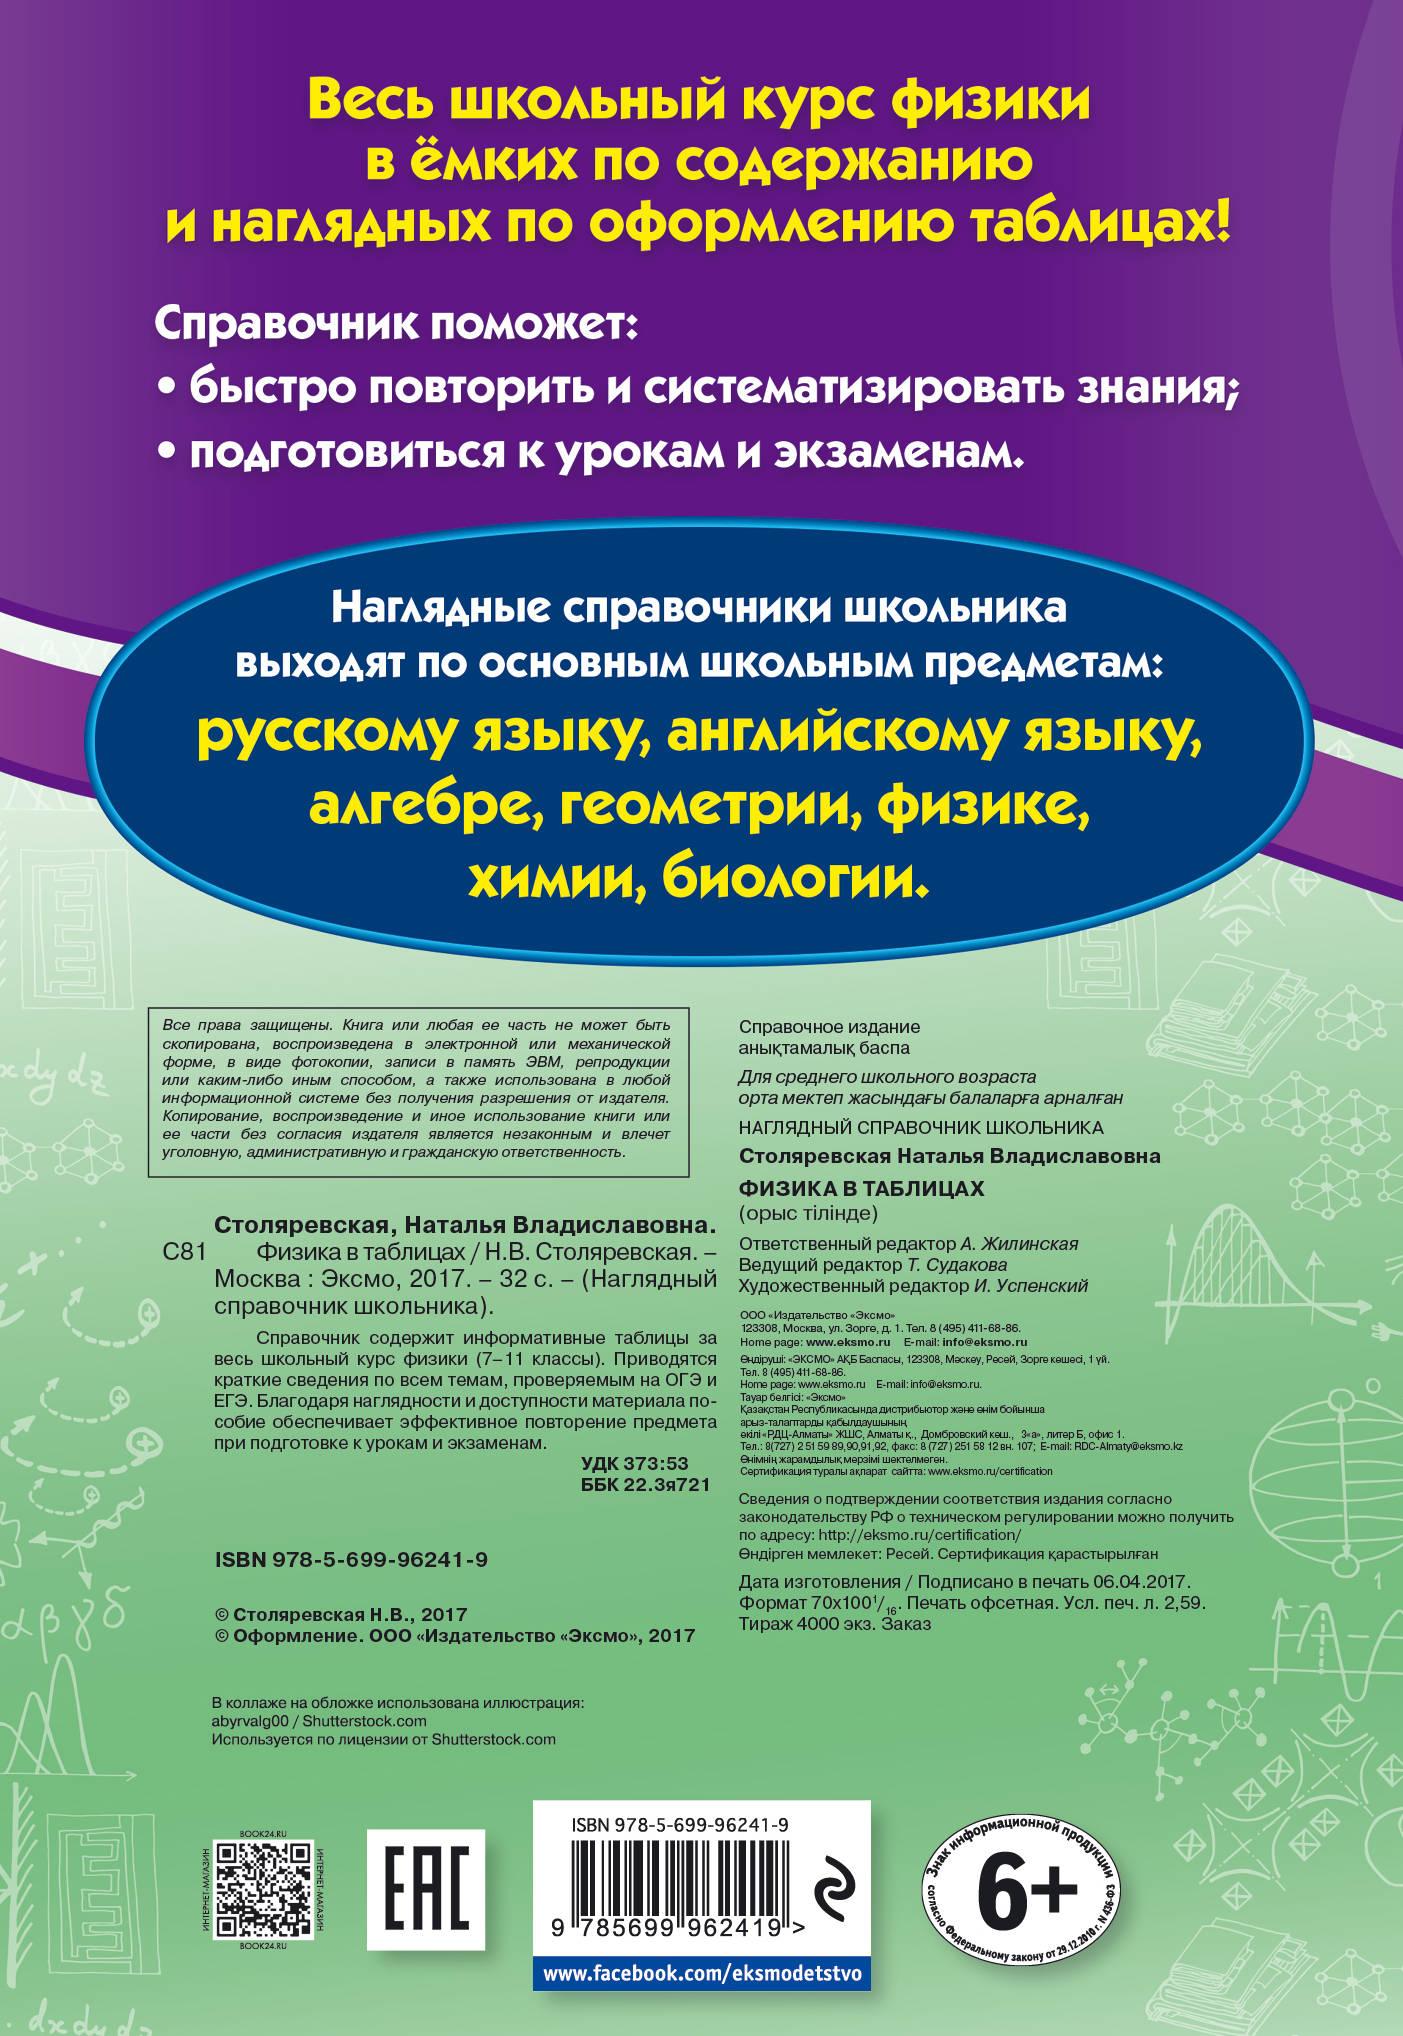 Книга Физика в таблицах. Н. В. Столяревская